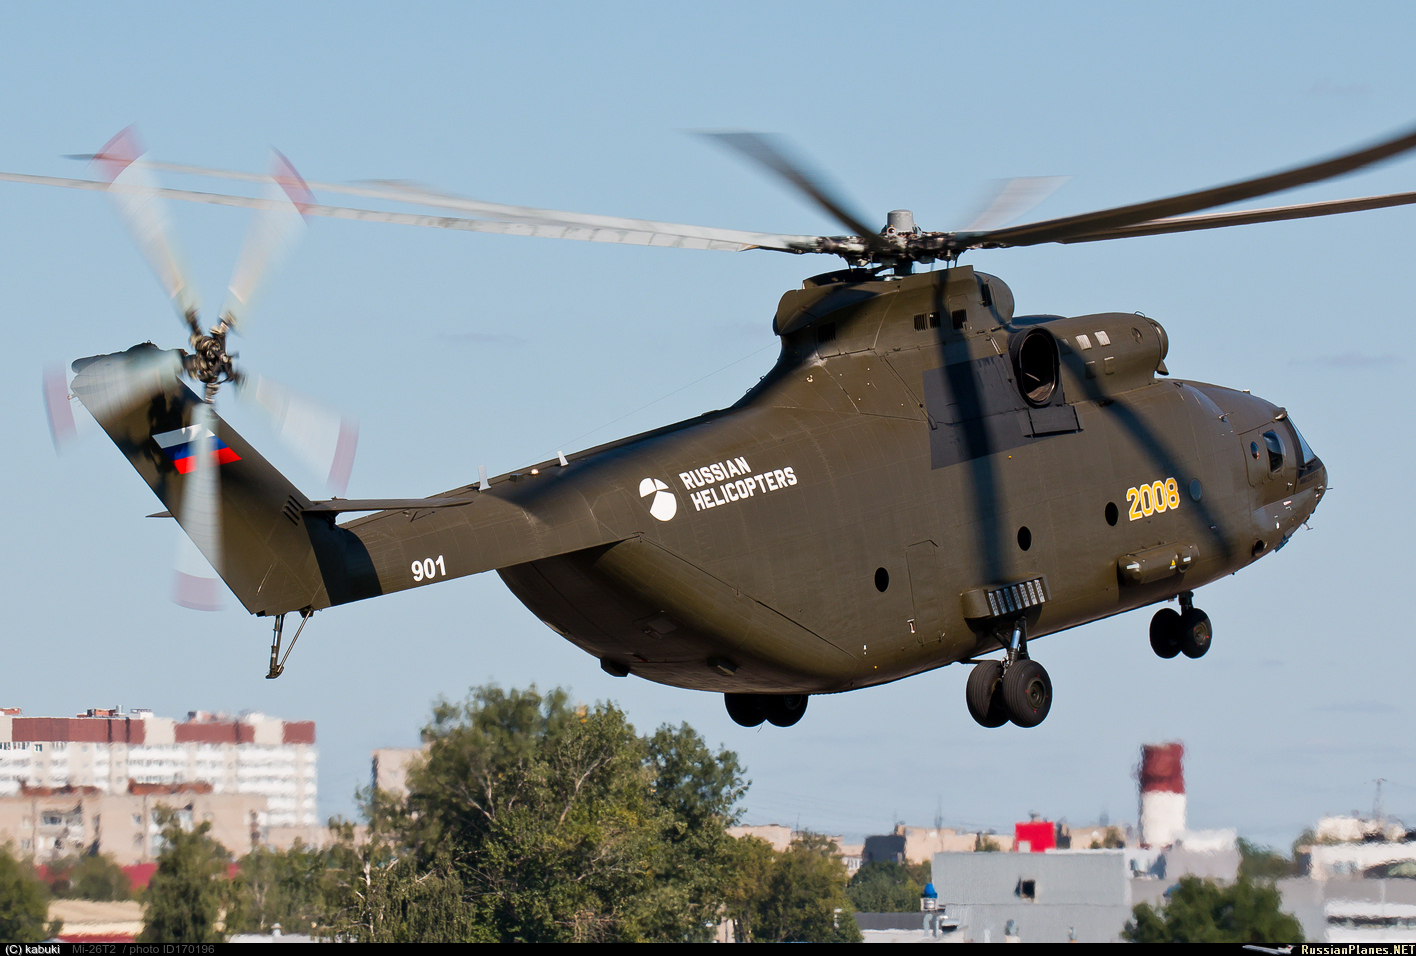 Mi-8/17, Μi-38, Mi-26: News - Page 10 170196